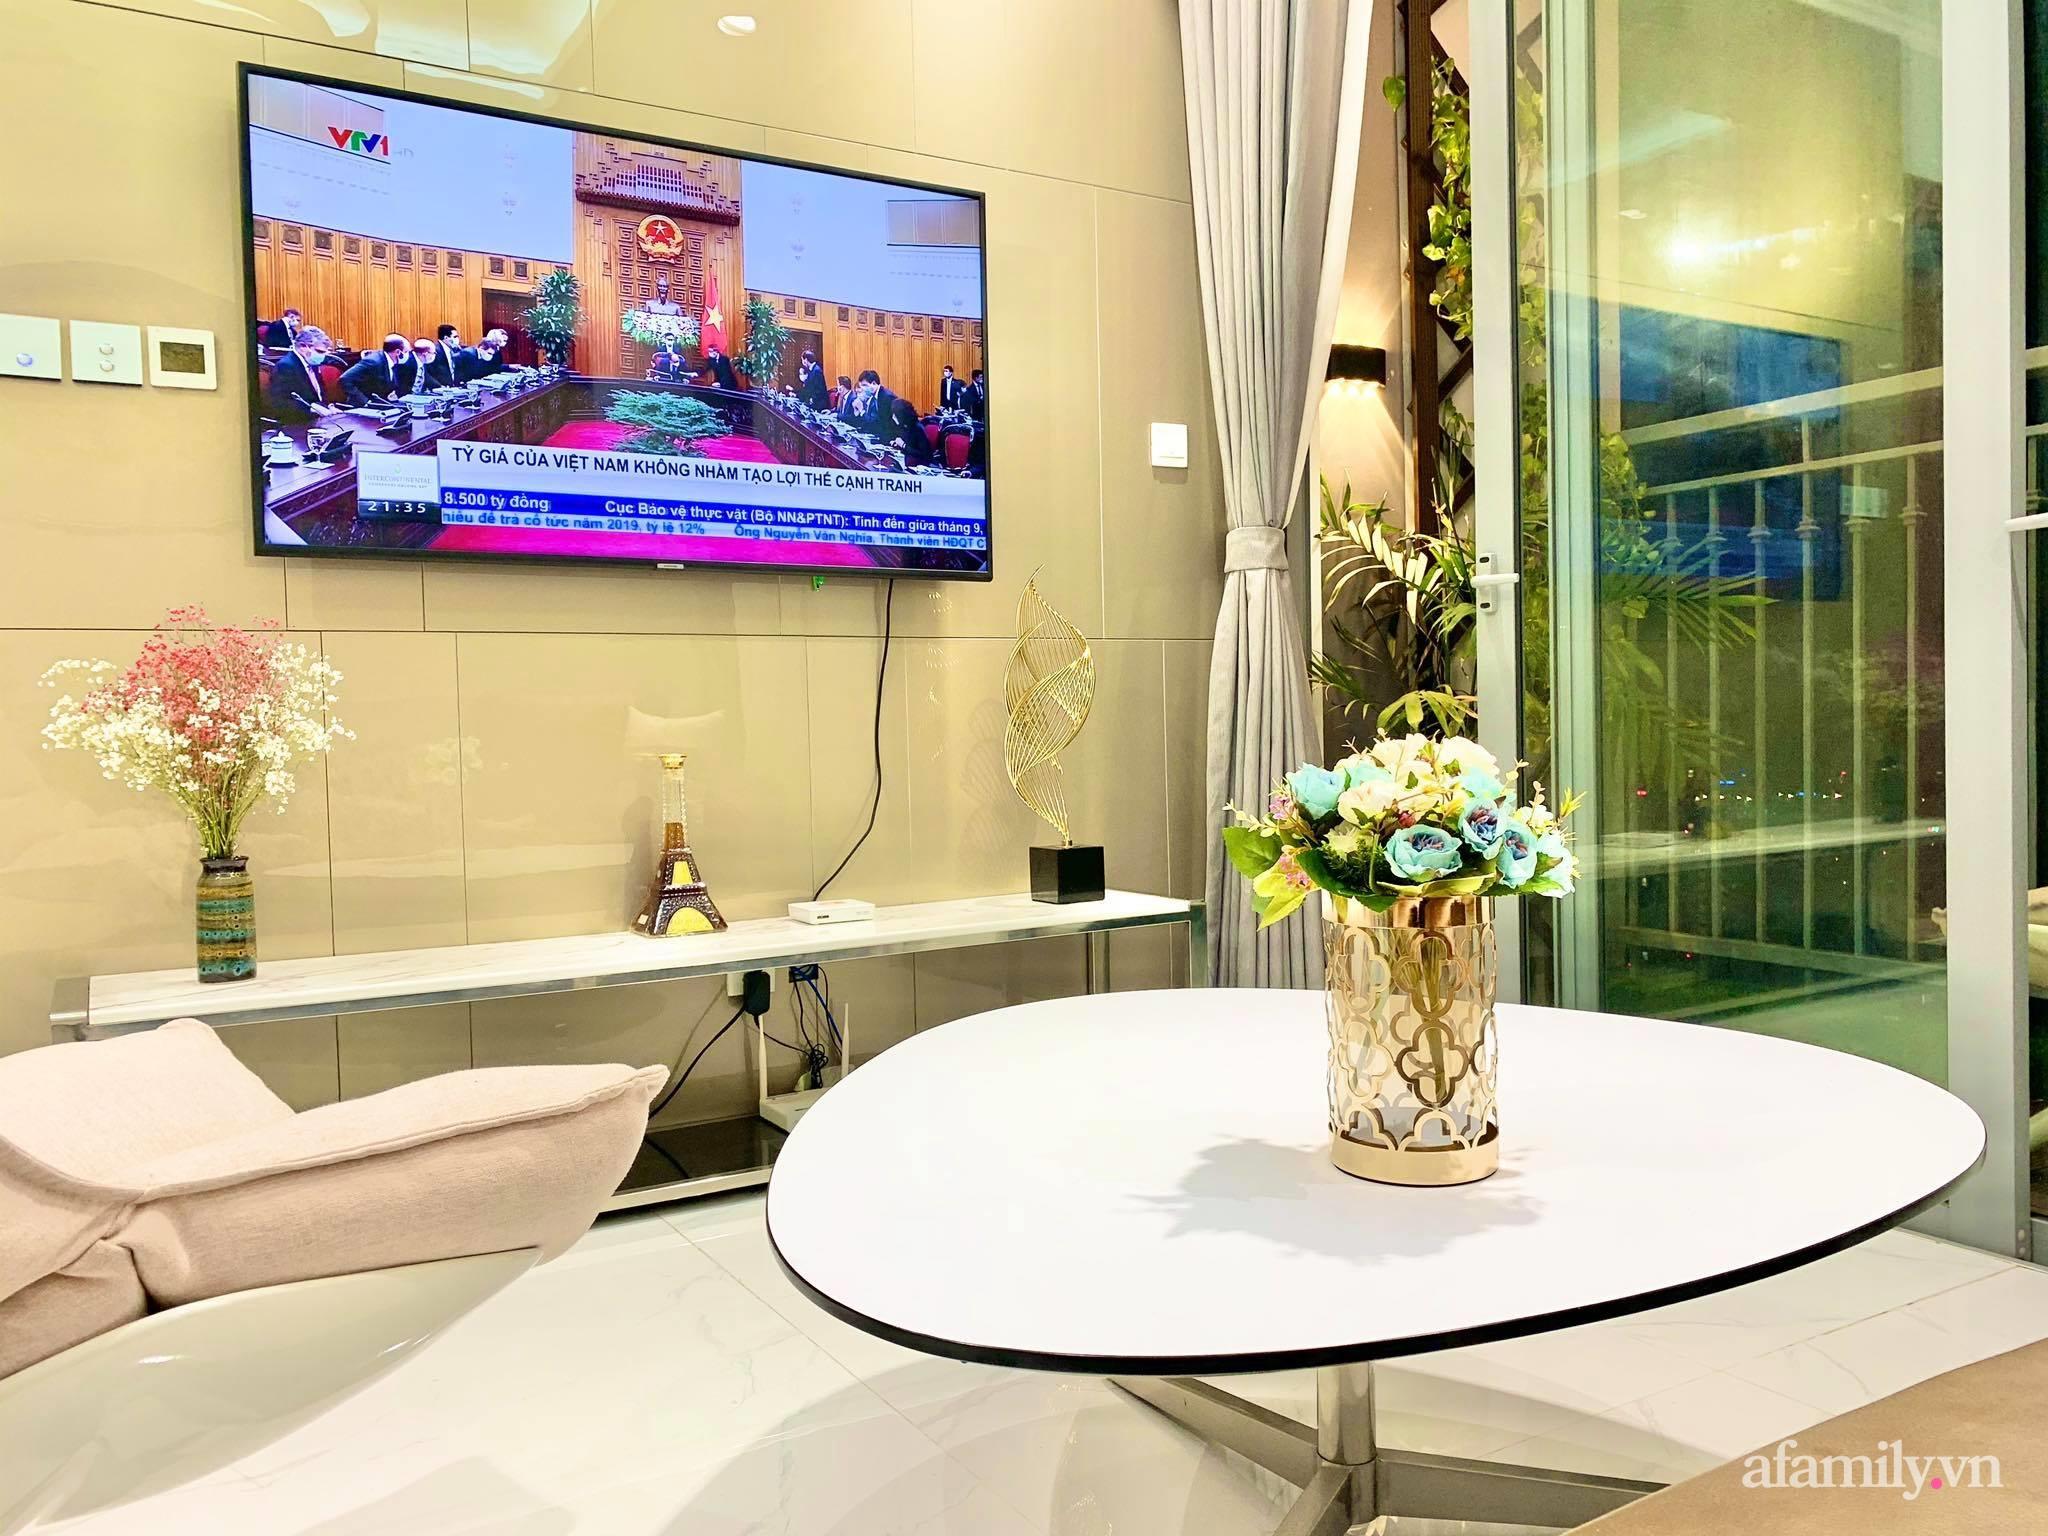 Căn hộ 79m² view trọn Hà Nội được chàng trai độc thân tự tay chọn đồ với chi phí 330 triệu đồng - Ảnh 8.